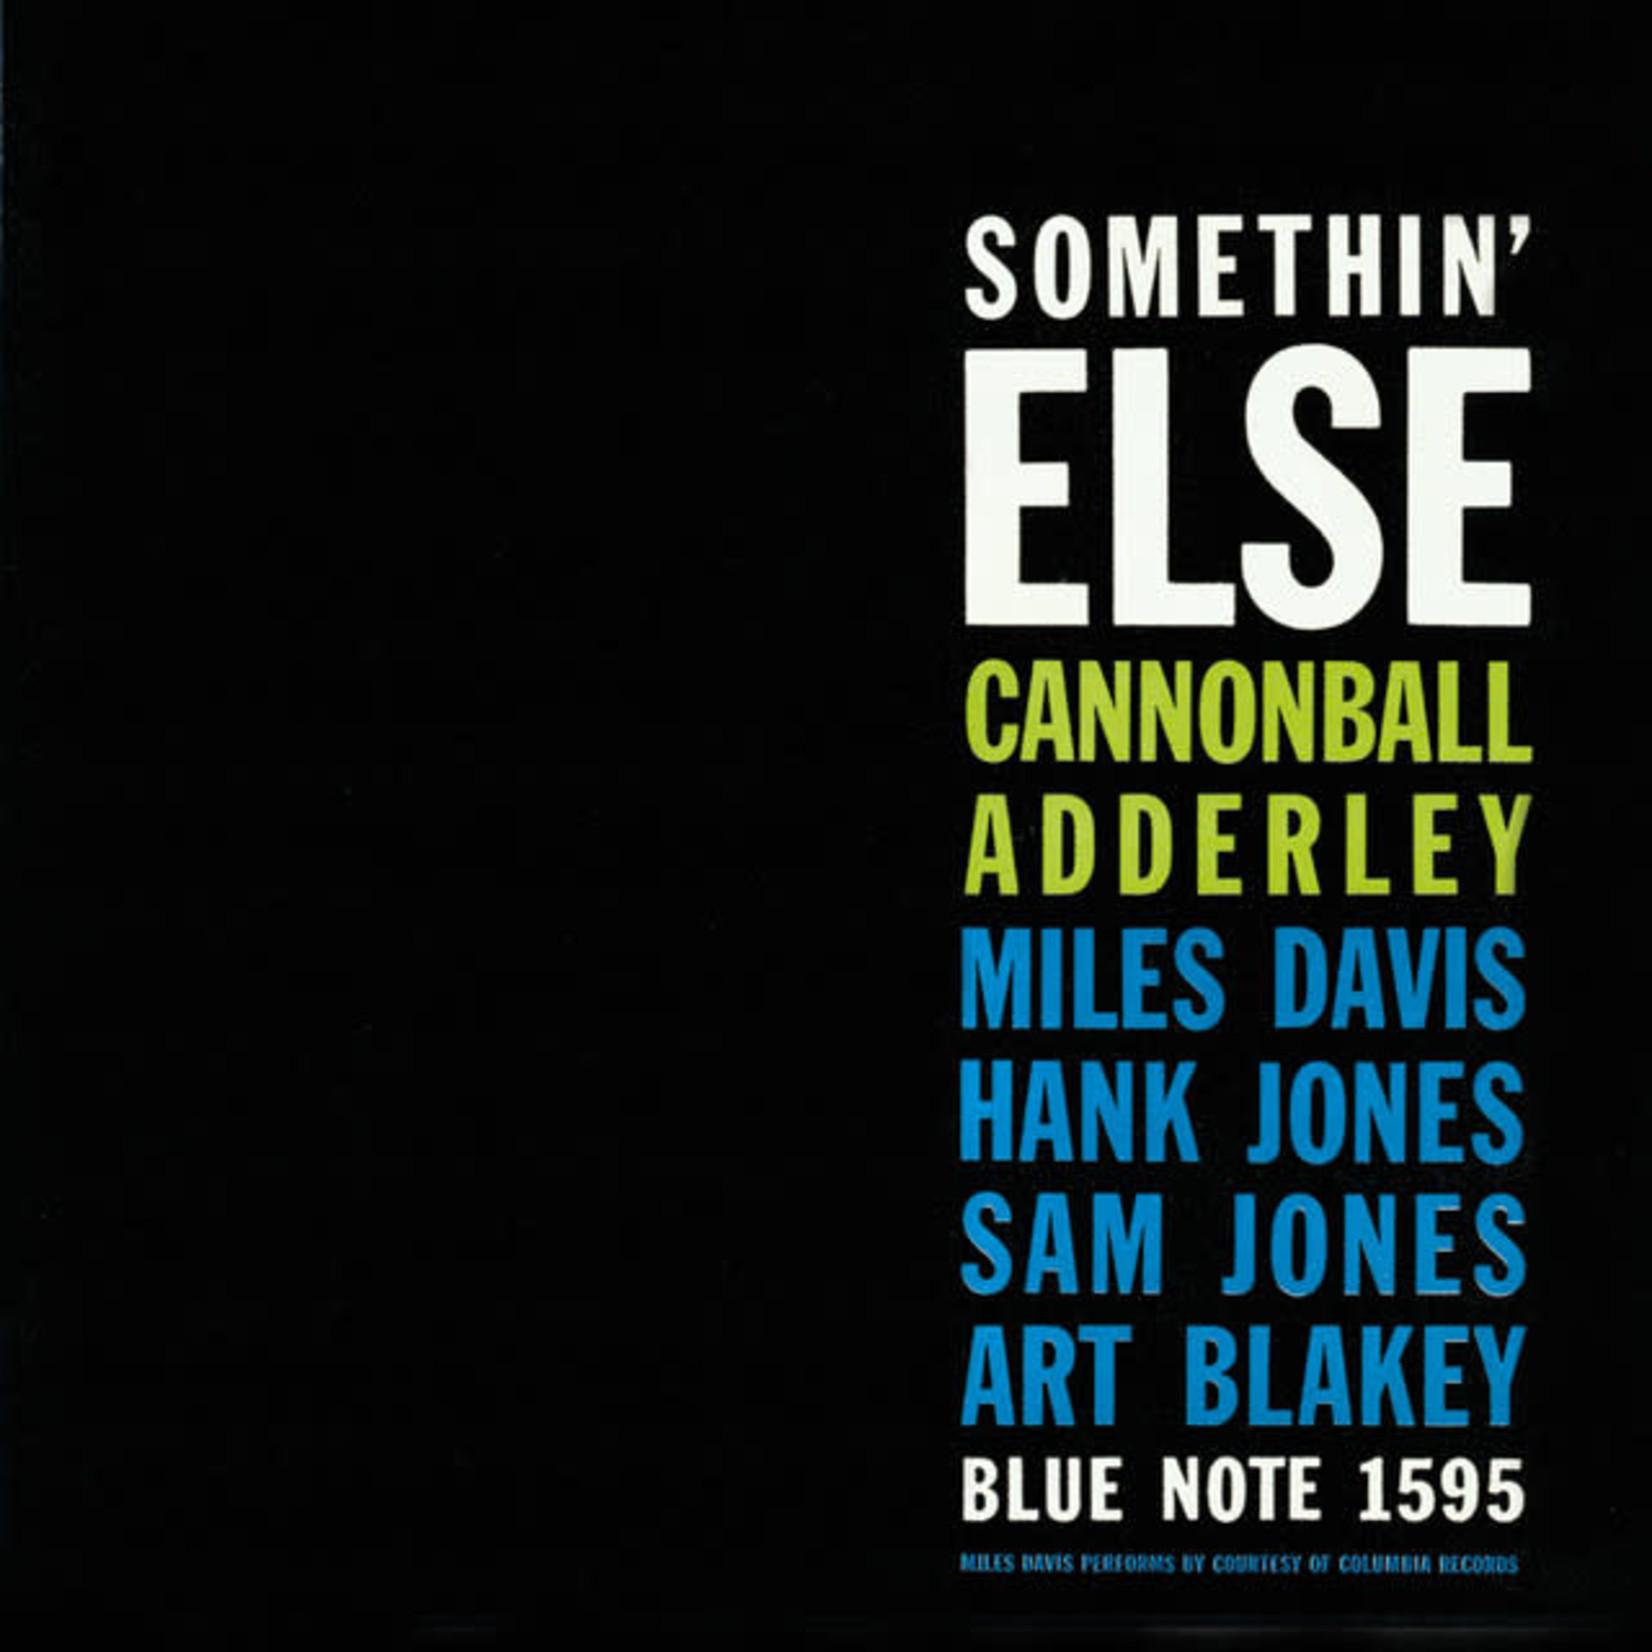 Vinyl Cannonball Adderley - Somethin' Else